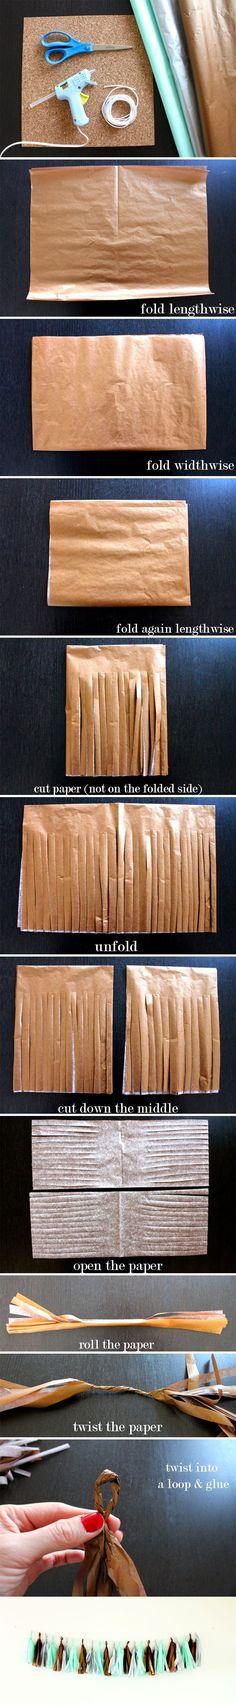 Diy Crafts Ideas : DIY : How to make a Tissue Paper Tassel Garland